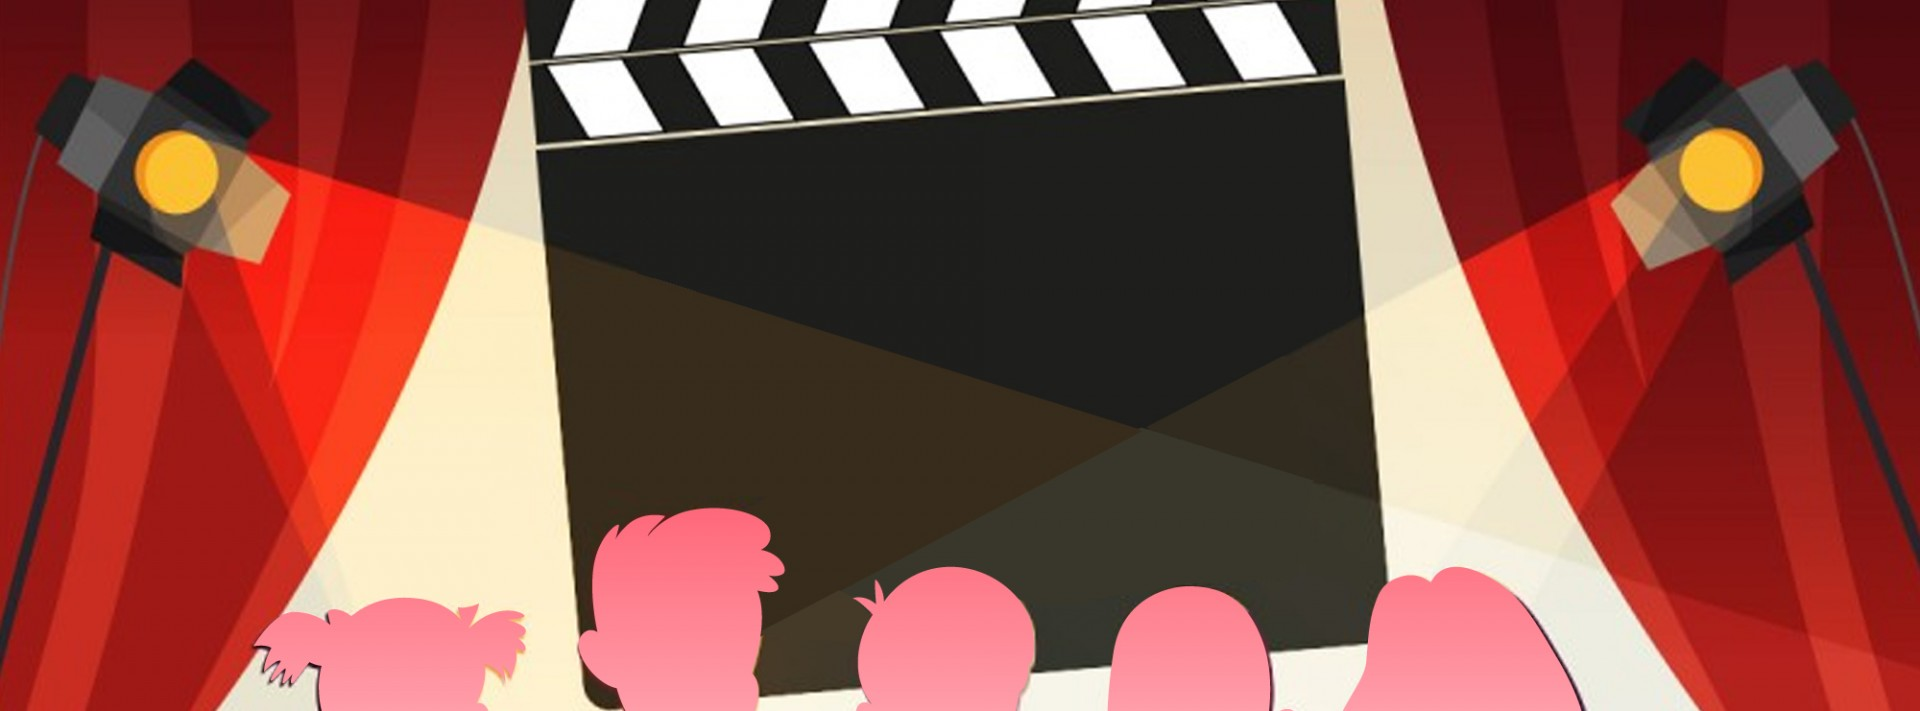 Chamrousse cinema festival for children